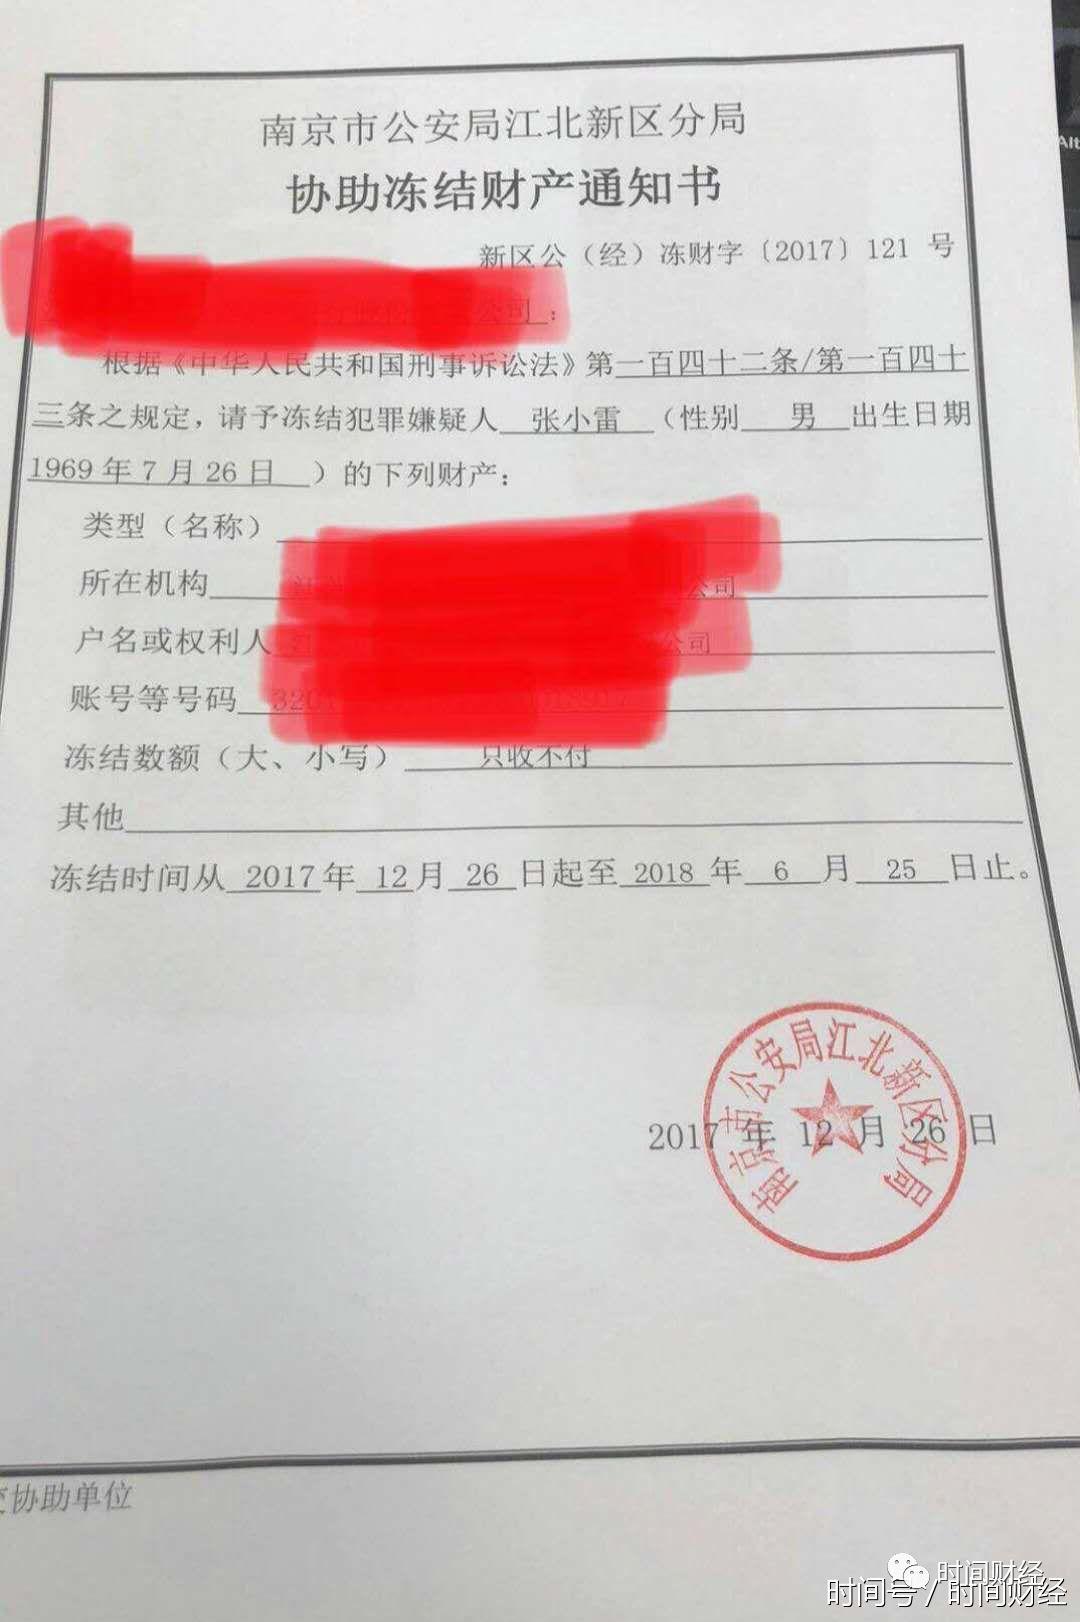 """钱宝网粉丝拒绝承认被骗: """"不报案,钱就能退回来"""""""